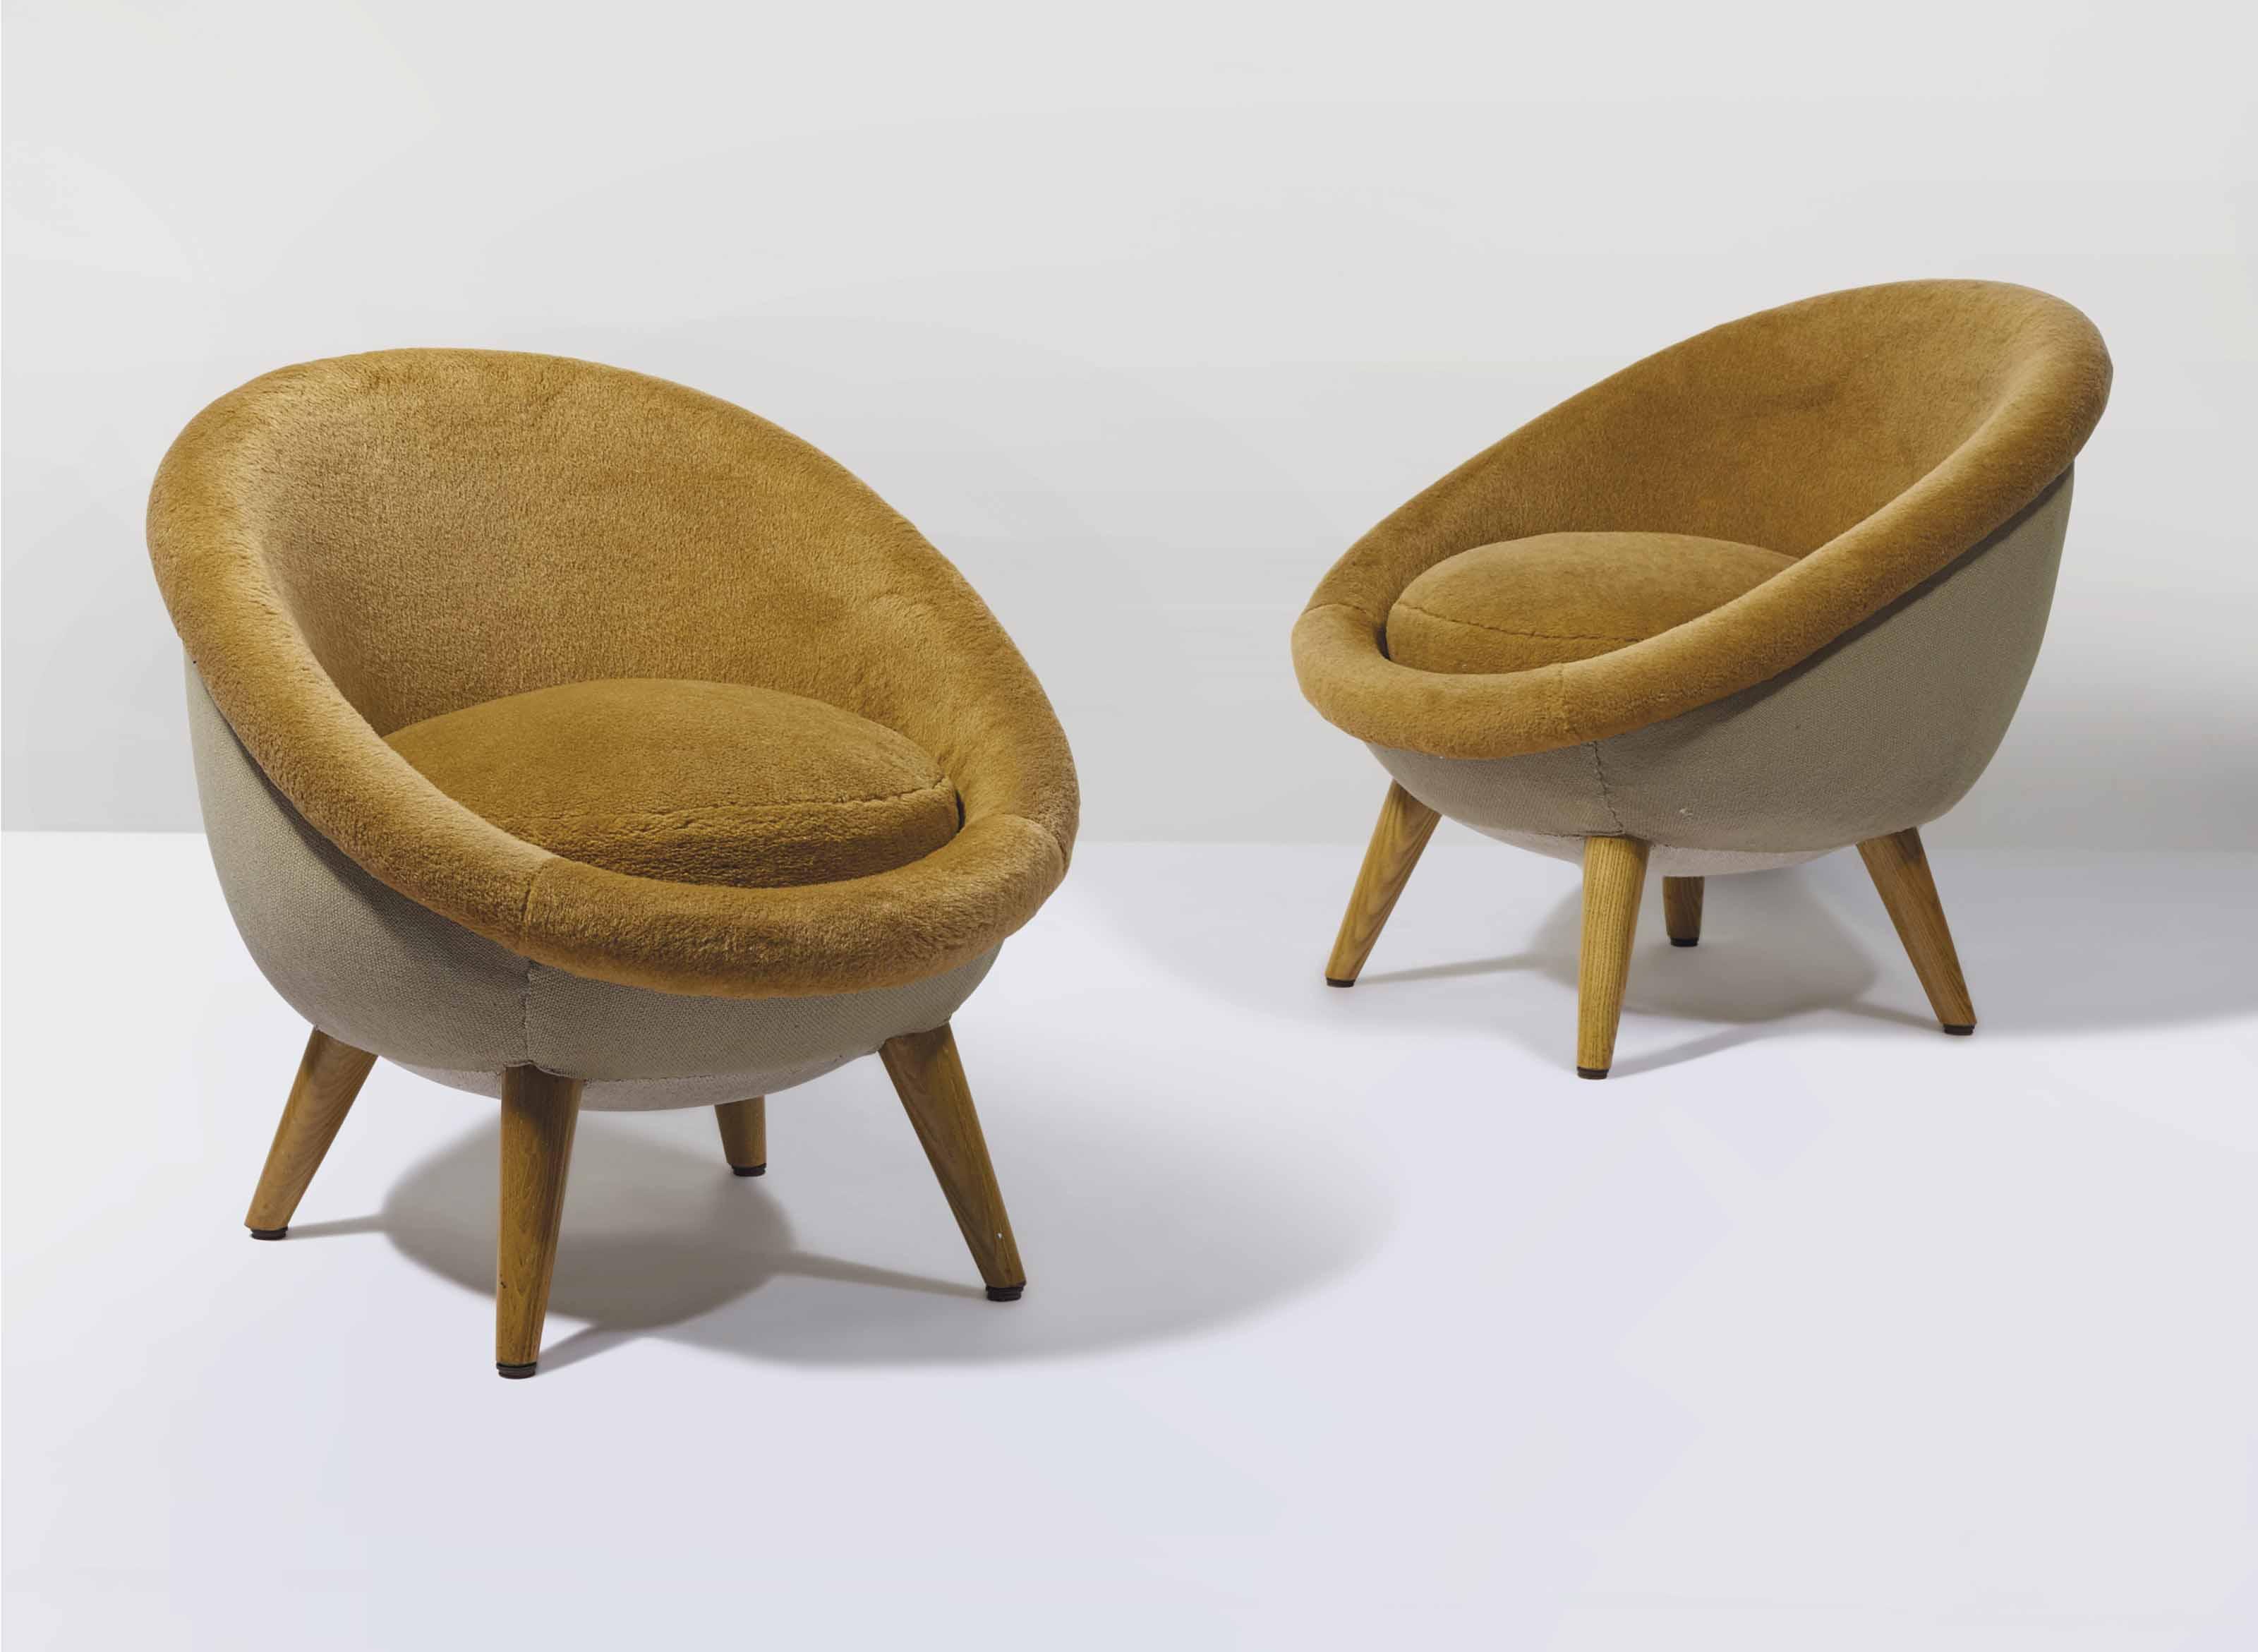 jean roy re 1902 1981 paire de fauteuils oeuf le mod le r alis partir de 1954 christie 39 s. Black Bedroom Furniture Sets. Home Design Ideas